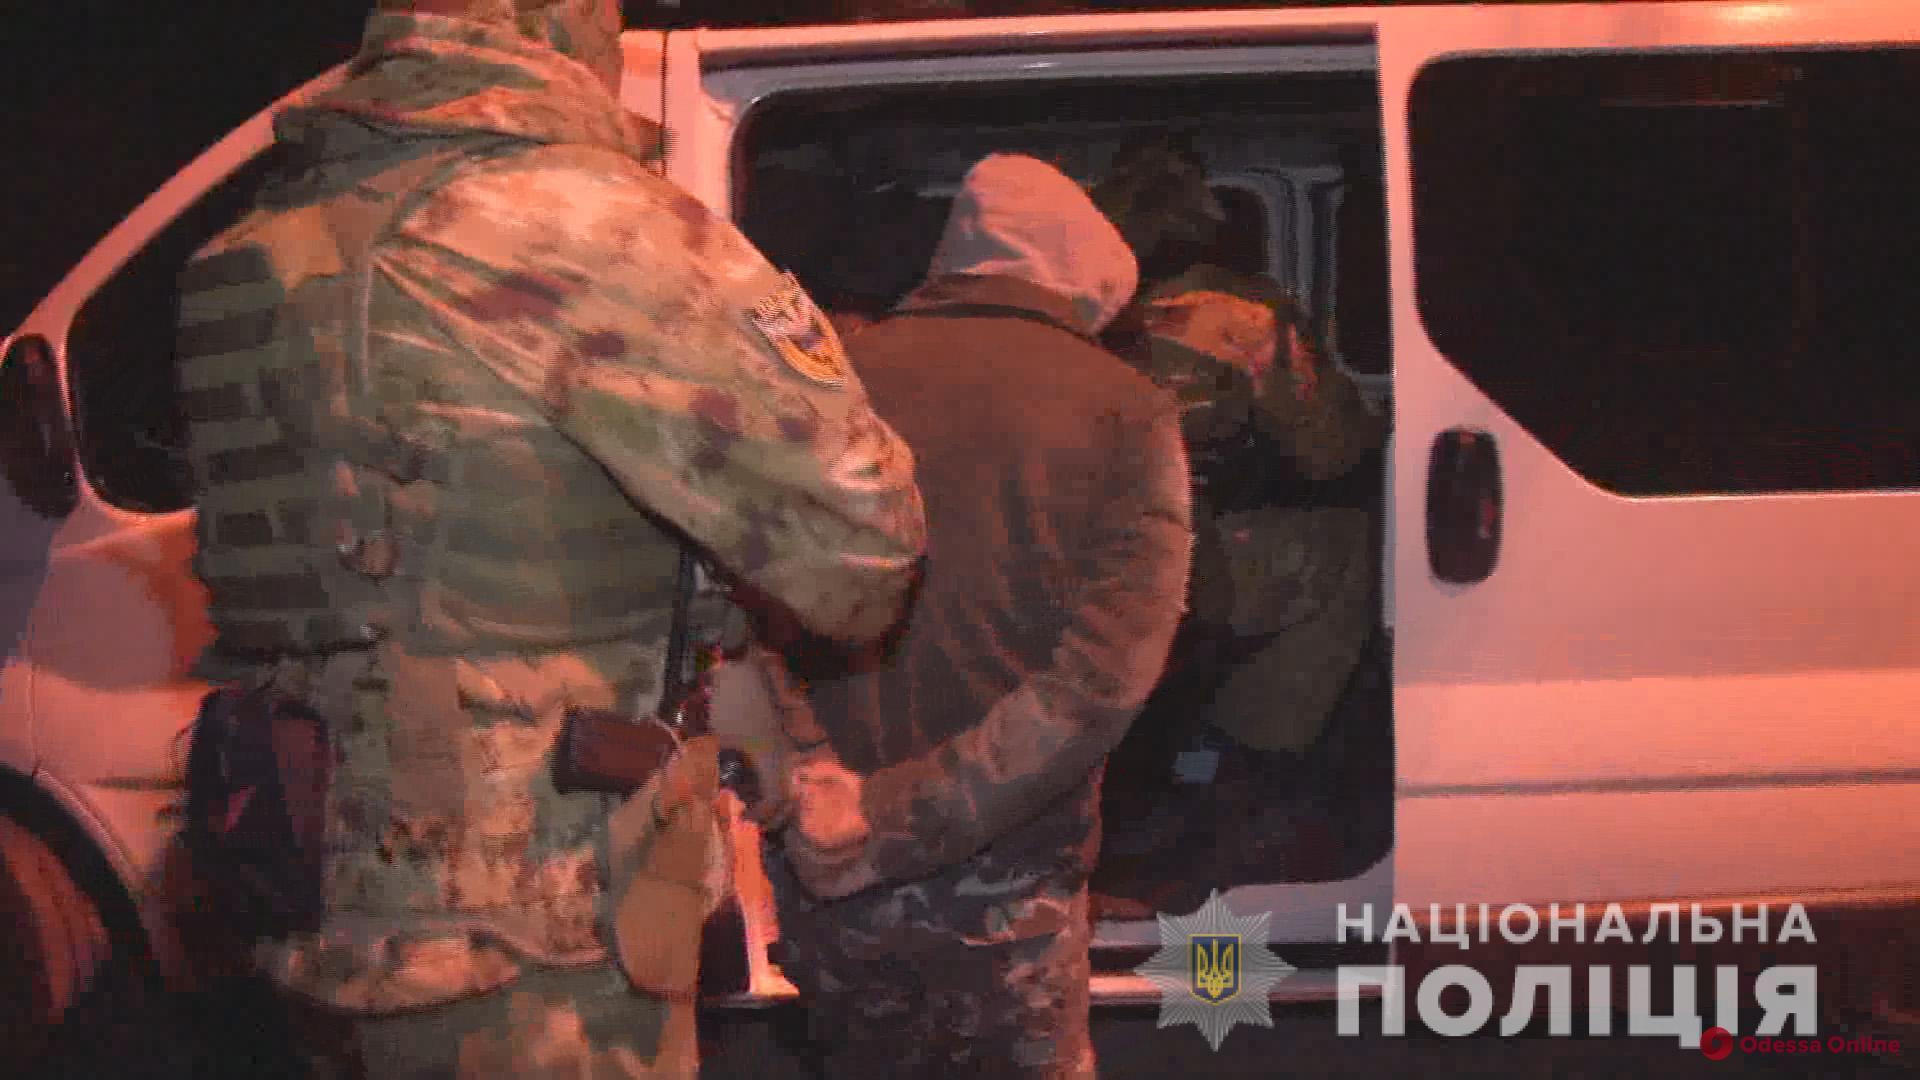 Вымогали 10 тысяч долларов: в Одессе поймали банду псевдополицейских (фото, видео)